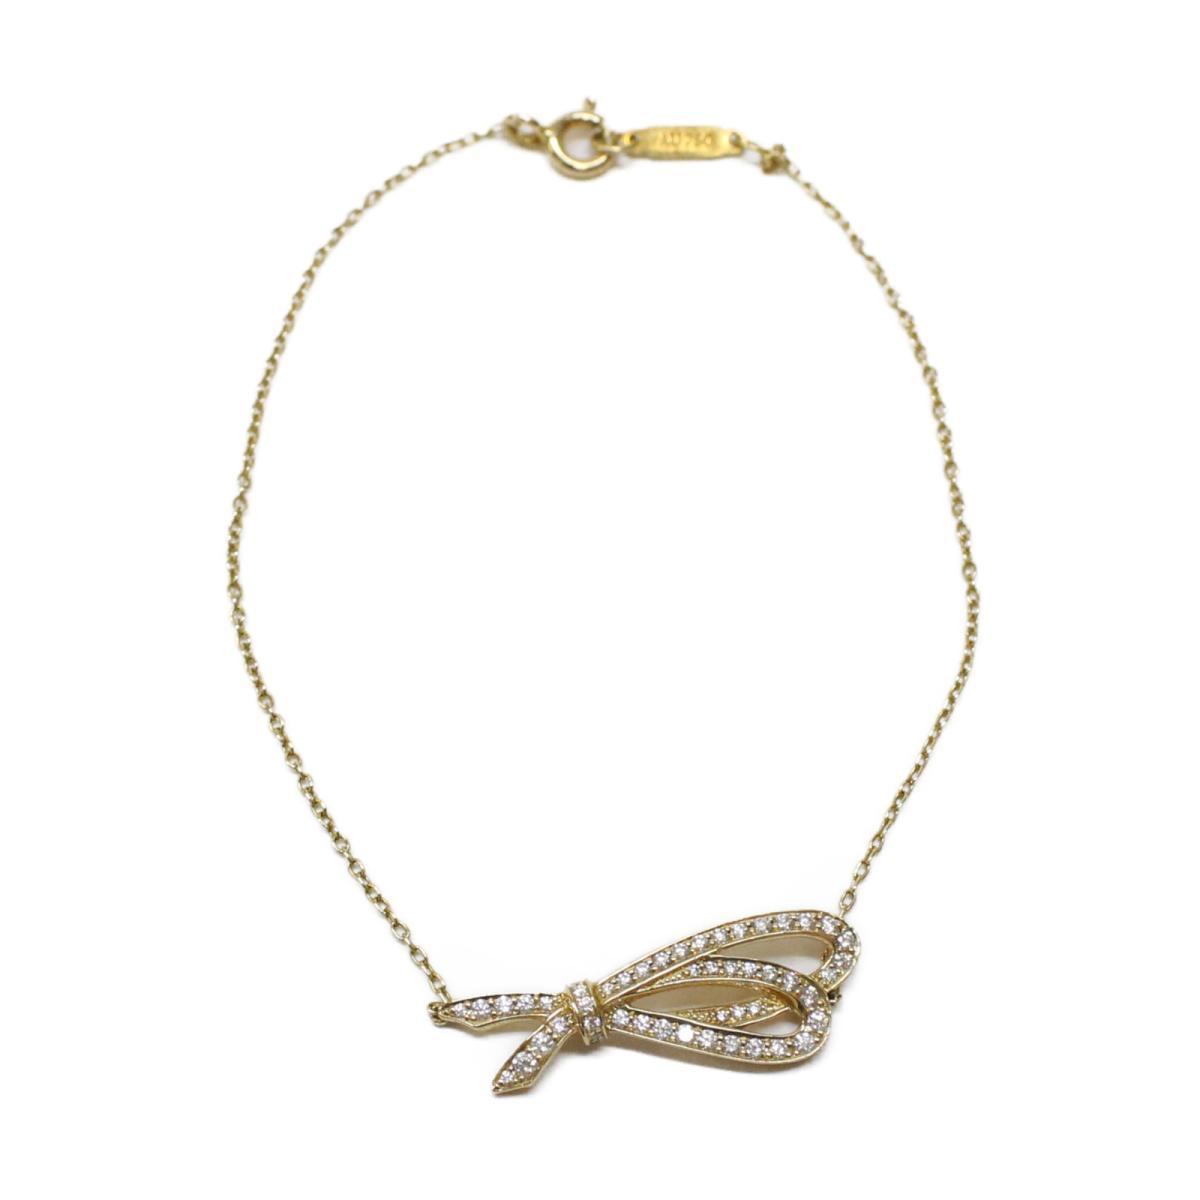 【中古】 ティファニー ボウ ダイヤブレスレット レディース K18PG (750) ピンクゴールド x ダイヤモンド ゴールド クリア   TIFFANY&CO BRANDOFF ブランドオフ ブランド アクセサリー ブレスレット 腕輪